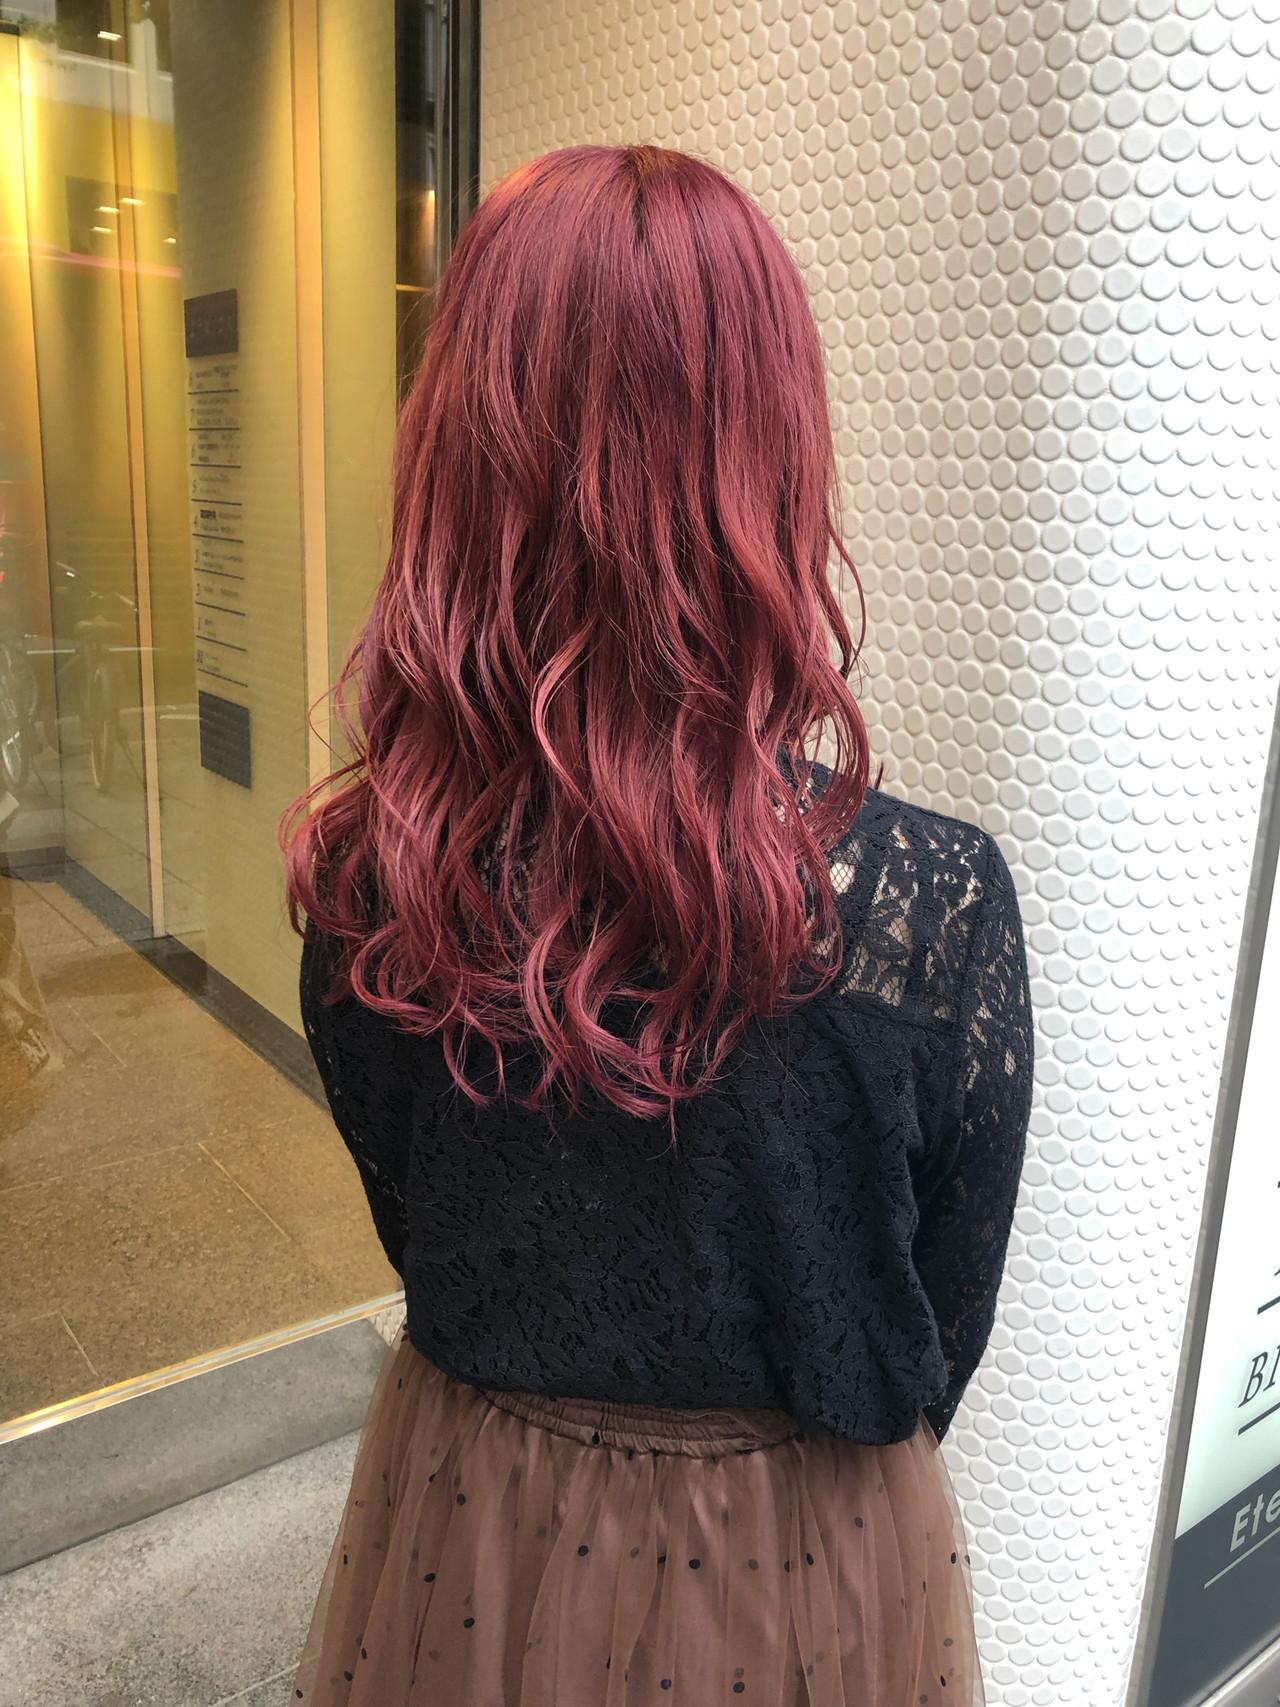 ストリート ピンクバイオレット セミロング ピンクパープル ヘアスタイルや髪型の写真・画像